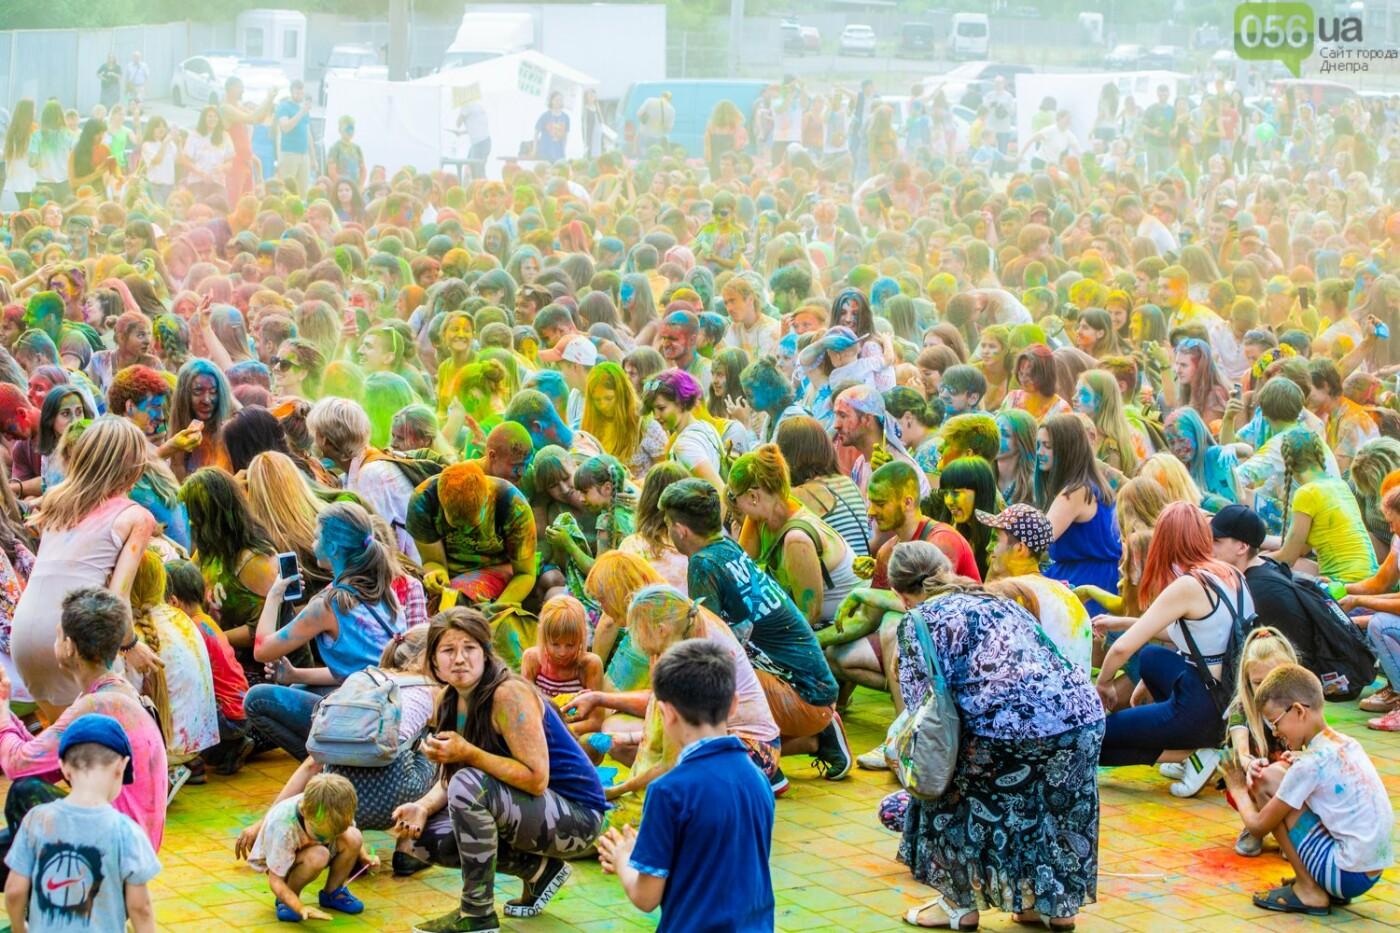 Фестиваль красок и свадьбы: как в Днепре прошел День молодежи, - ФОТОРЕПОРТАЖ, ВИДЕО, фото-20